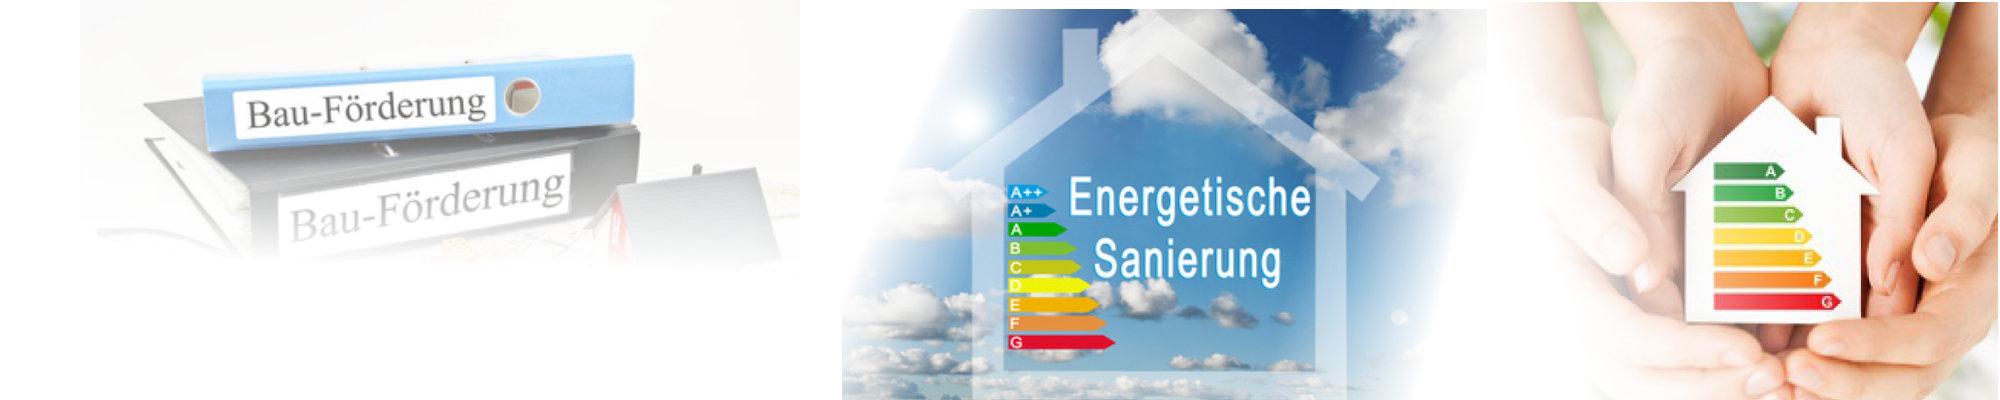 Förderung Einbau einer Kraft-Wärme-Kopplung in Denkmalschutz, Energieberater, Effizienberateung, Gebäude mit Pufferspeicher, Hof, Nürnberg, Erlangen, Fürth